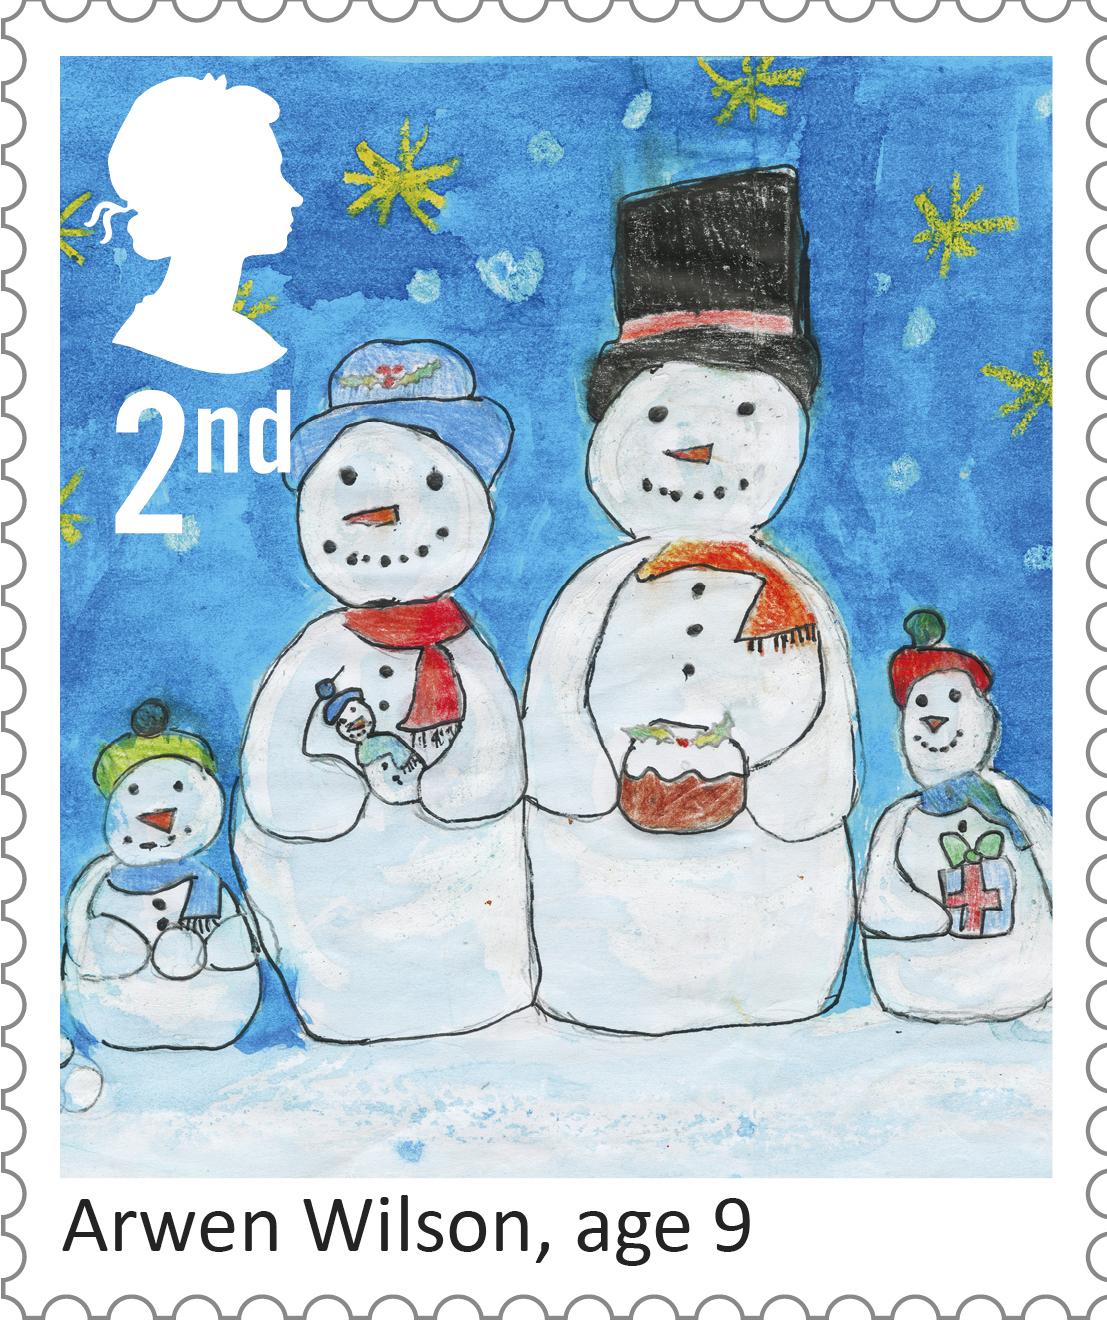 christmas 2017 2nd stamp 2017 arwen wilson snowmen